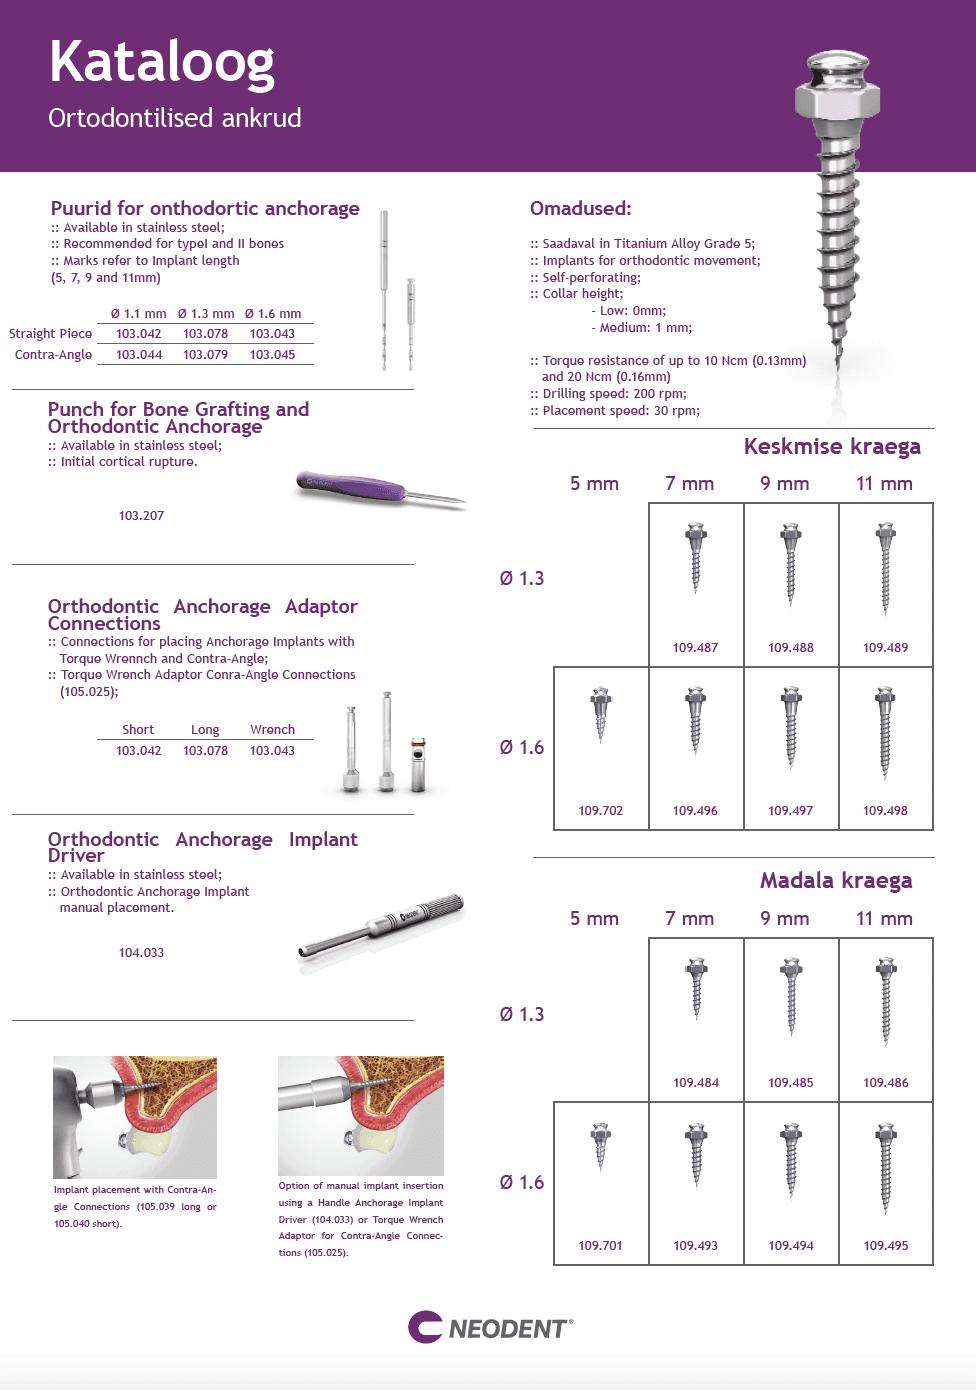 Neodent ortodontilised ankrud kataloog 2021